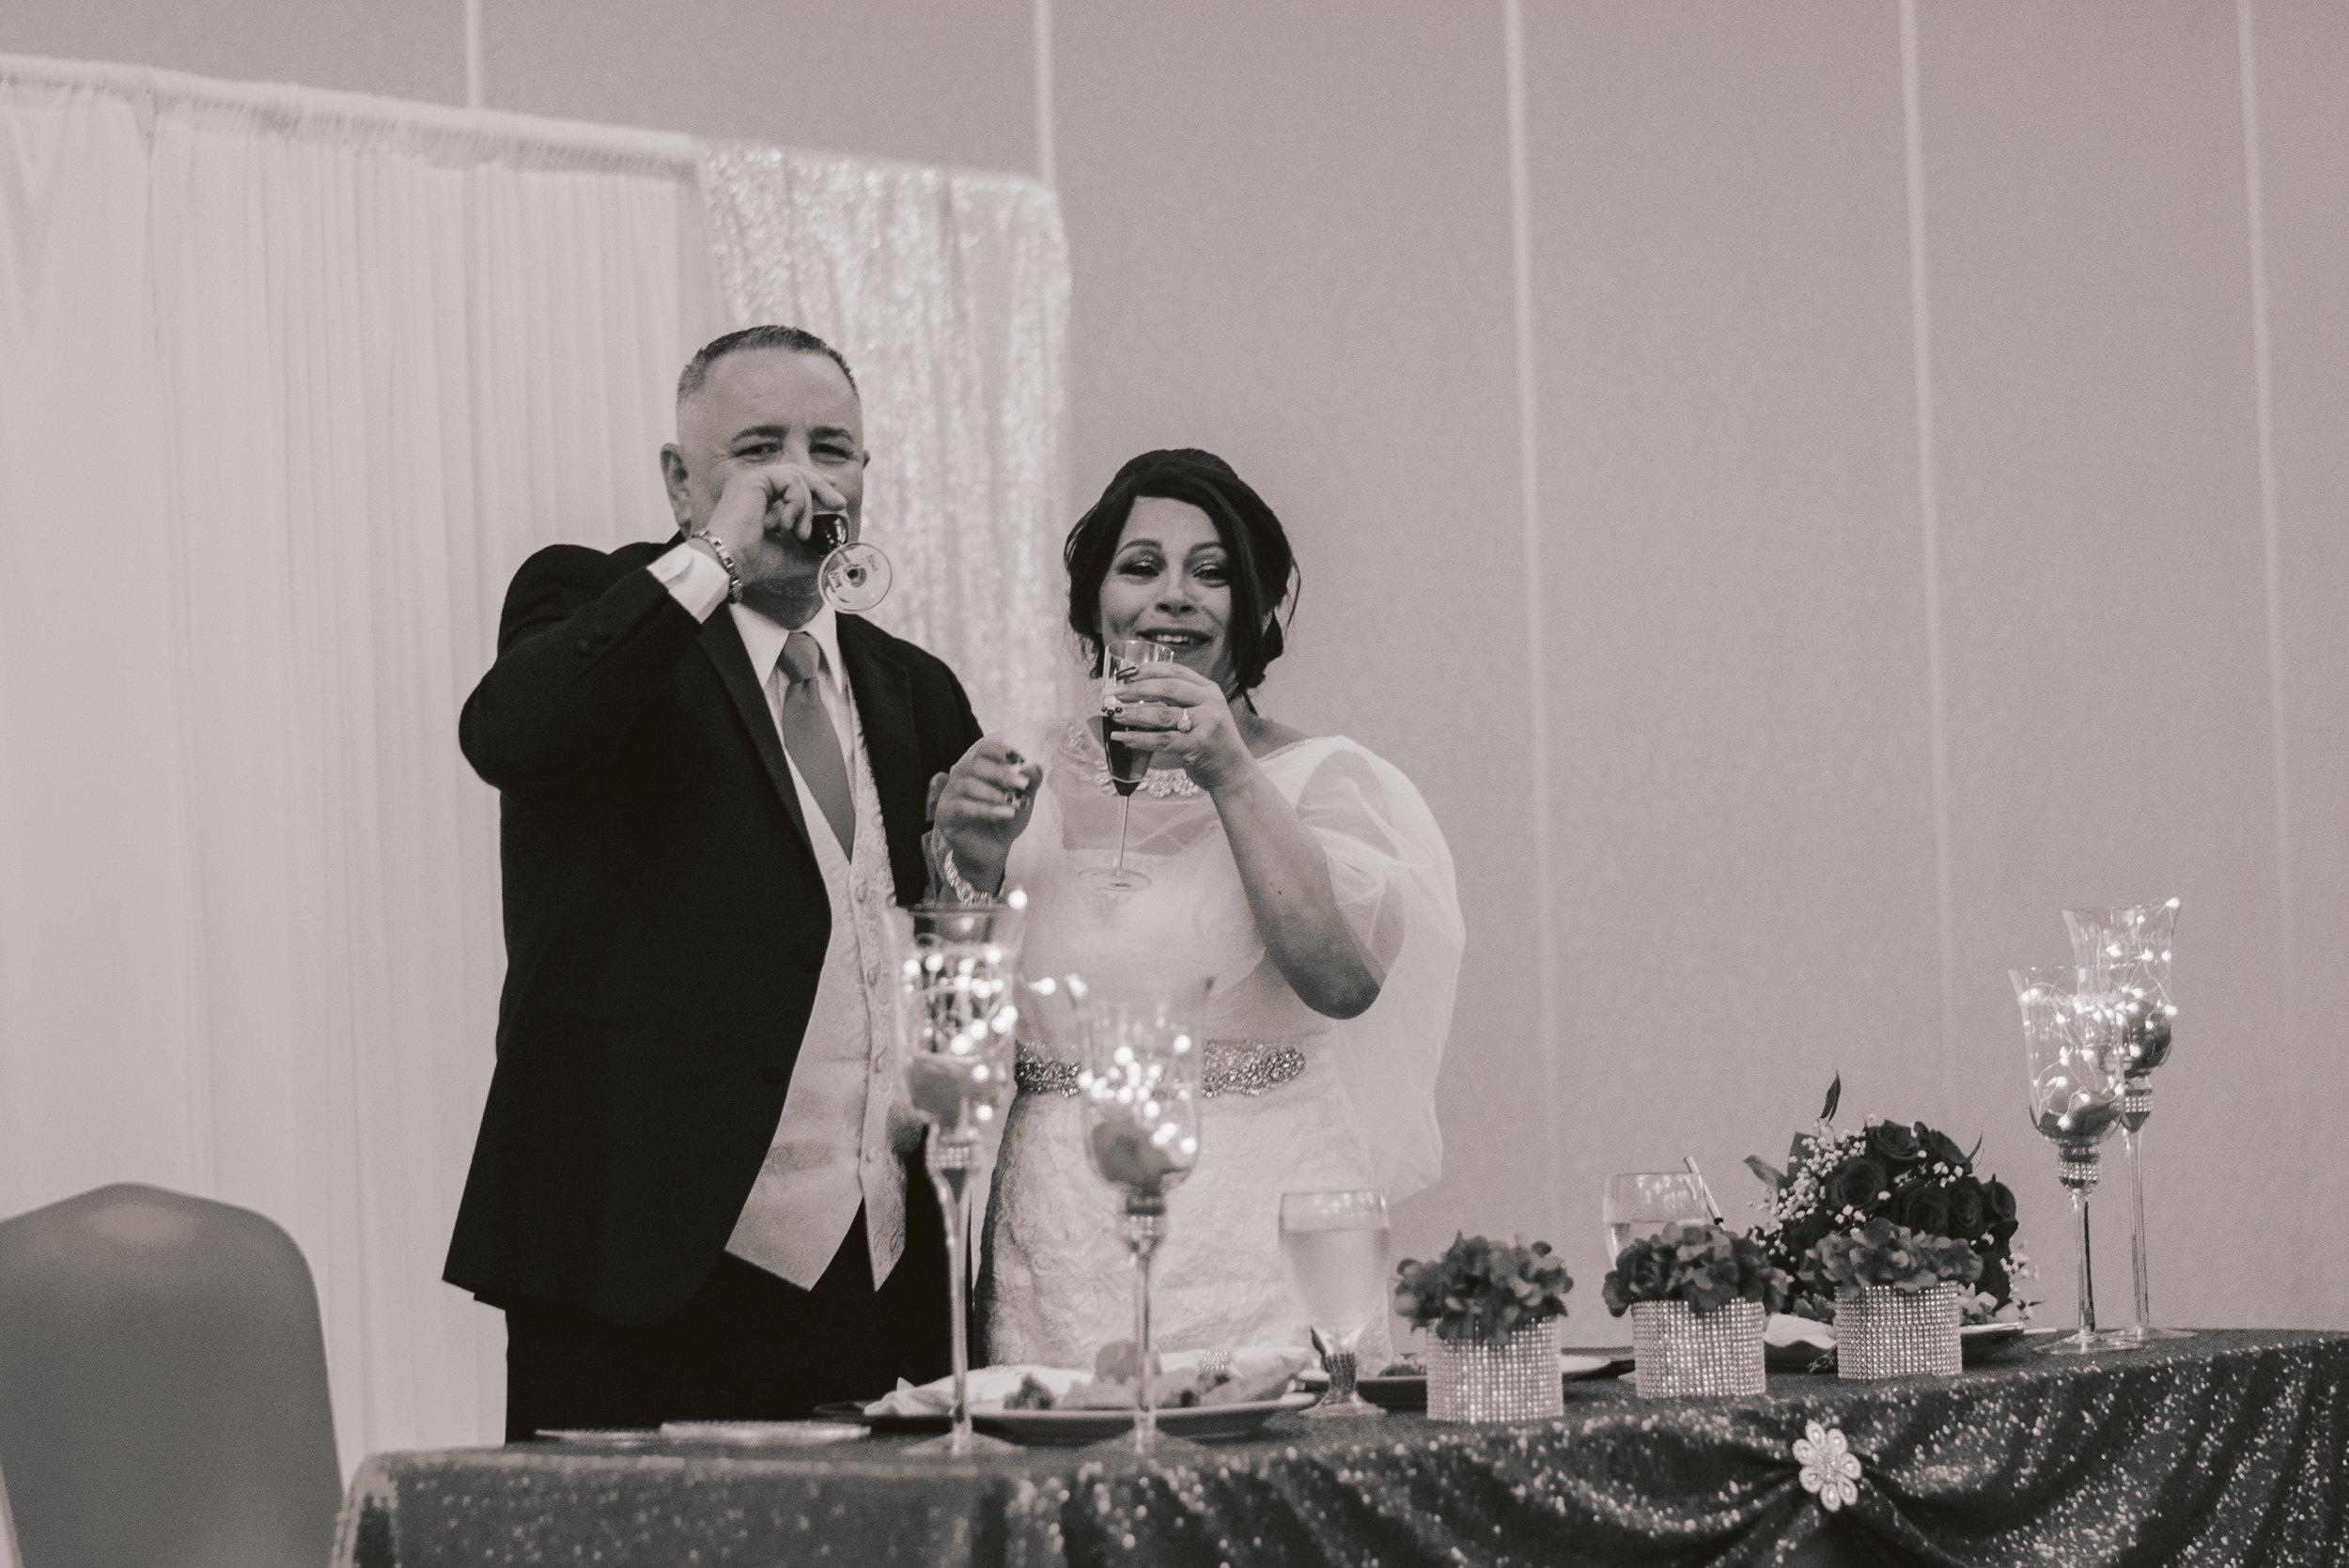 Los-Vargas-Photo-Wedding-Vow-Renewal-Central-Florida-215.jpg